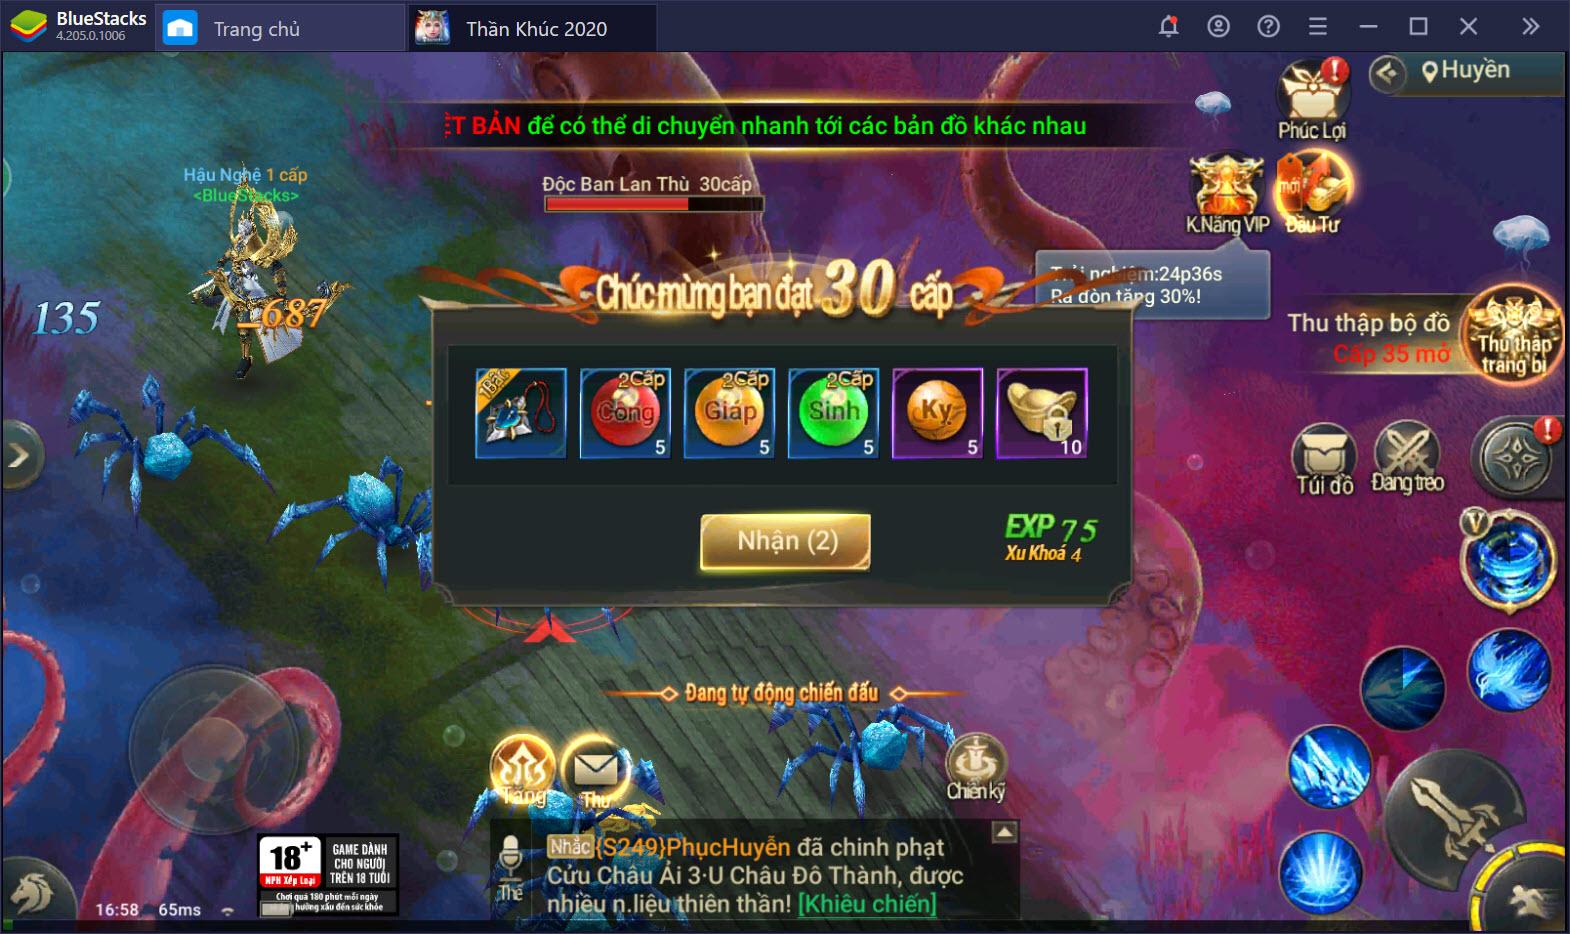 Cùng chơi Thần Khúc 2020, một game giải trí tuyệt vời trên BlueStacks